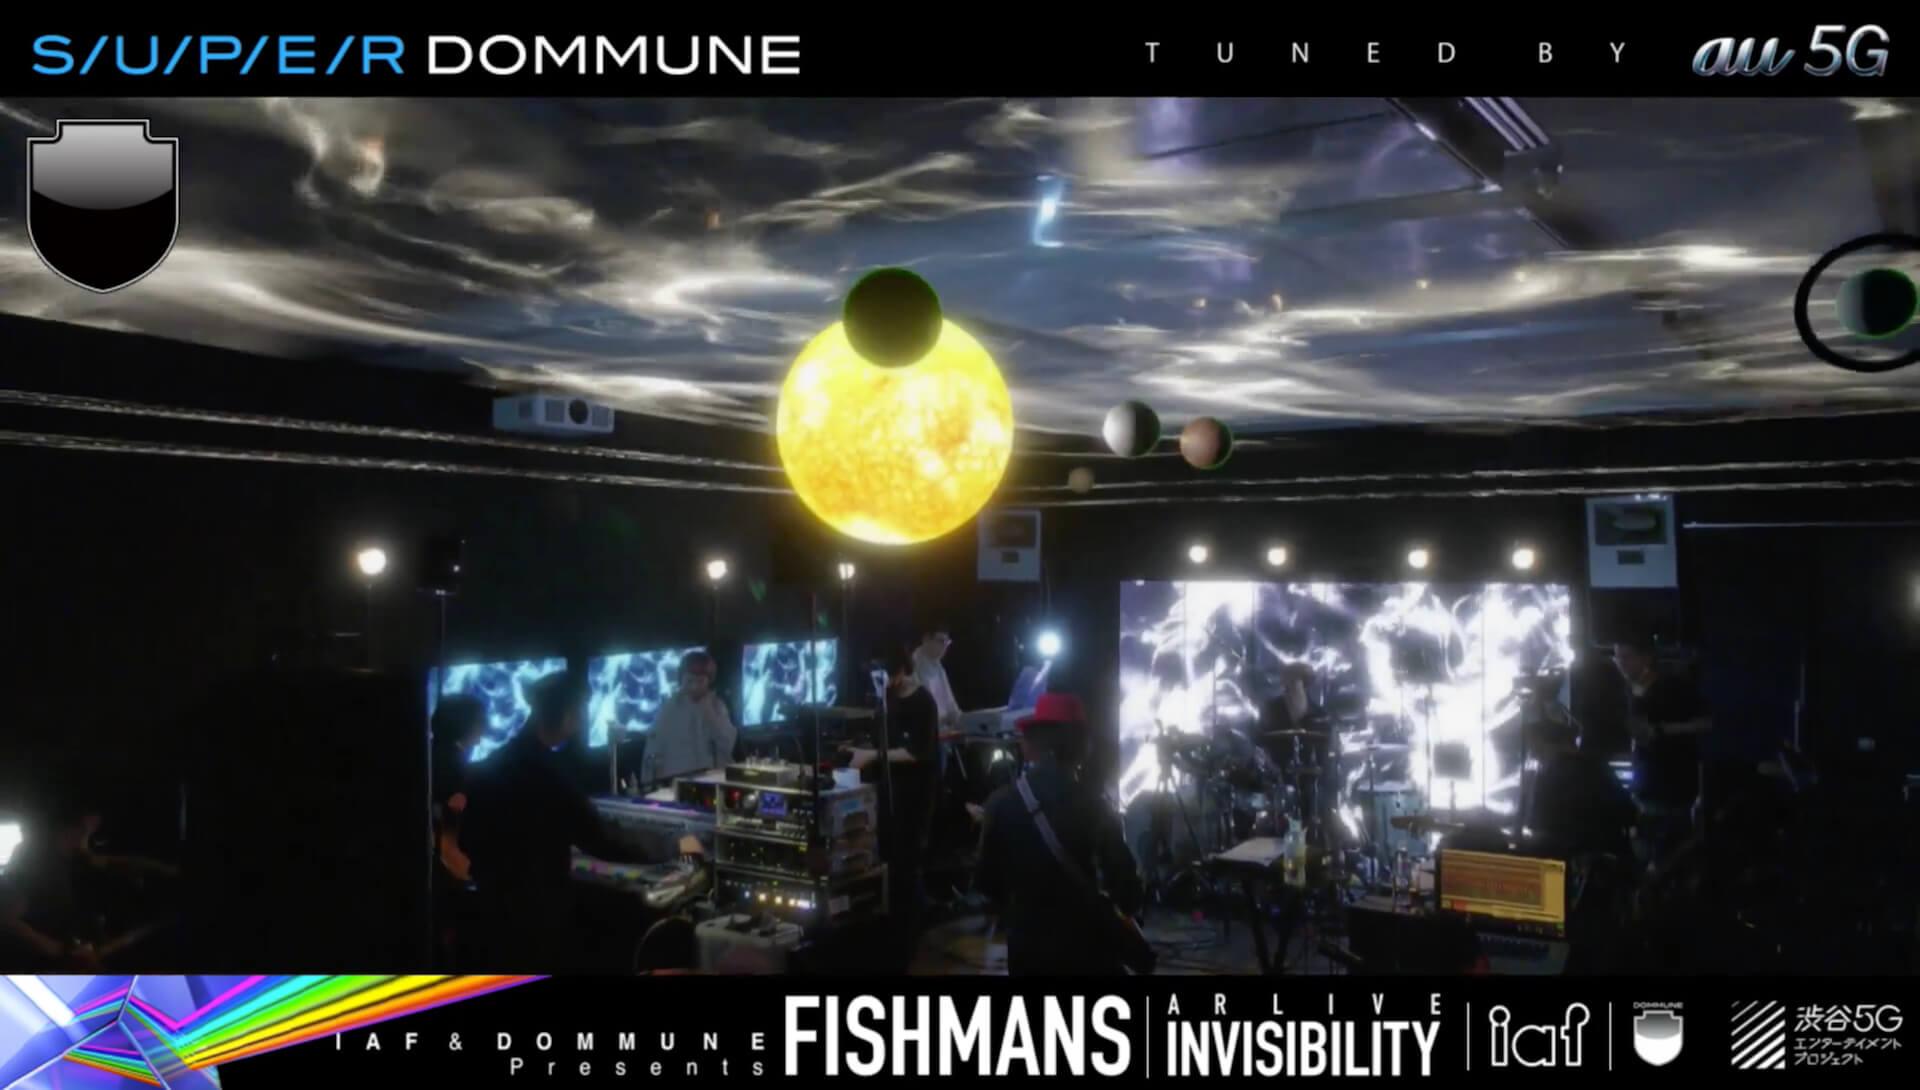 リアルとバーチャルのシナジーが生まれたFISHMANS AR LIVE<INVISIBILITY> music200622_fishmans_superdommune_5